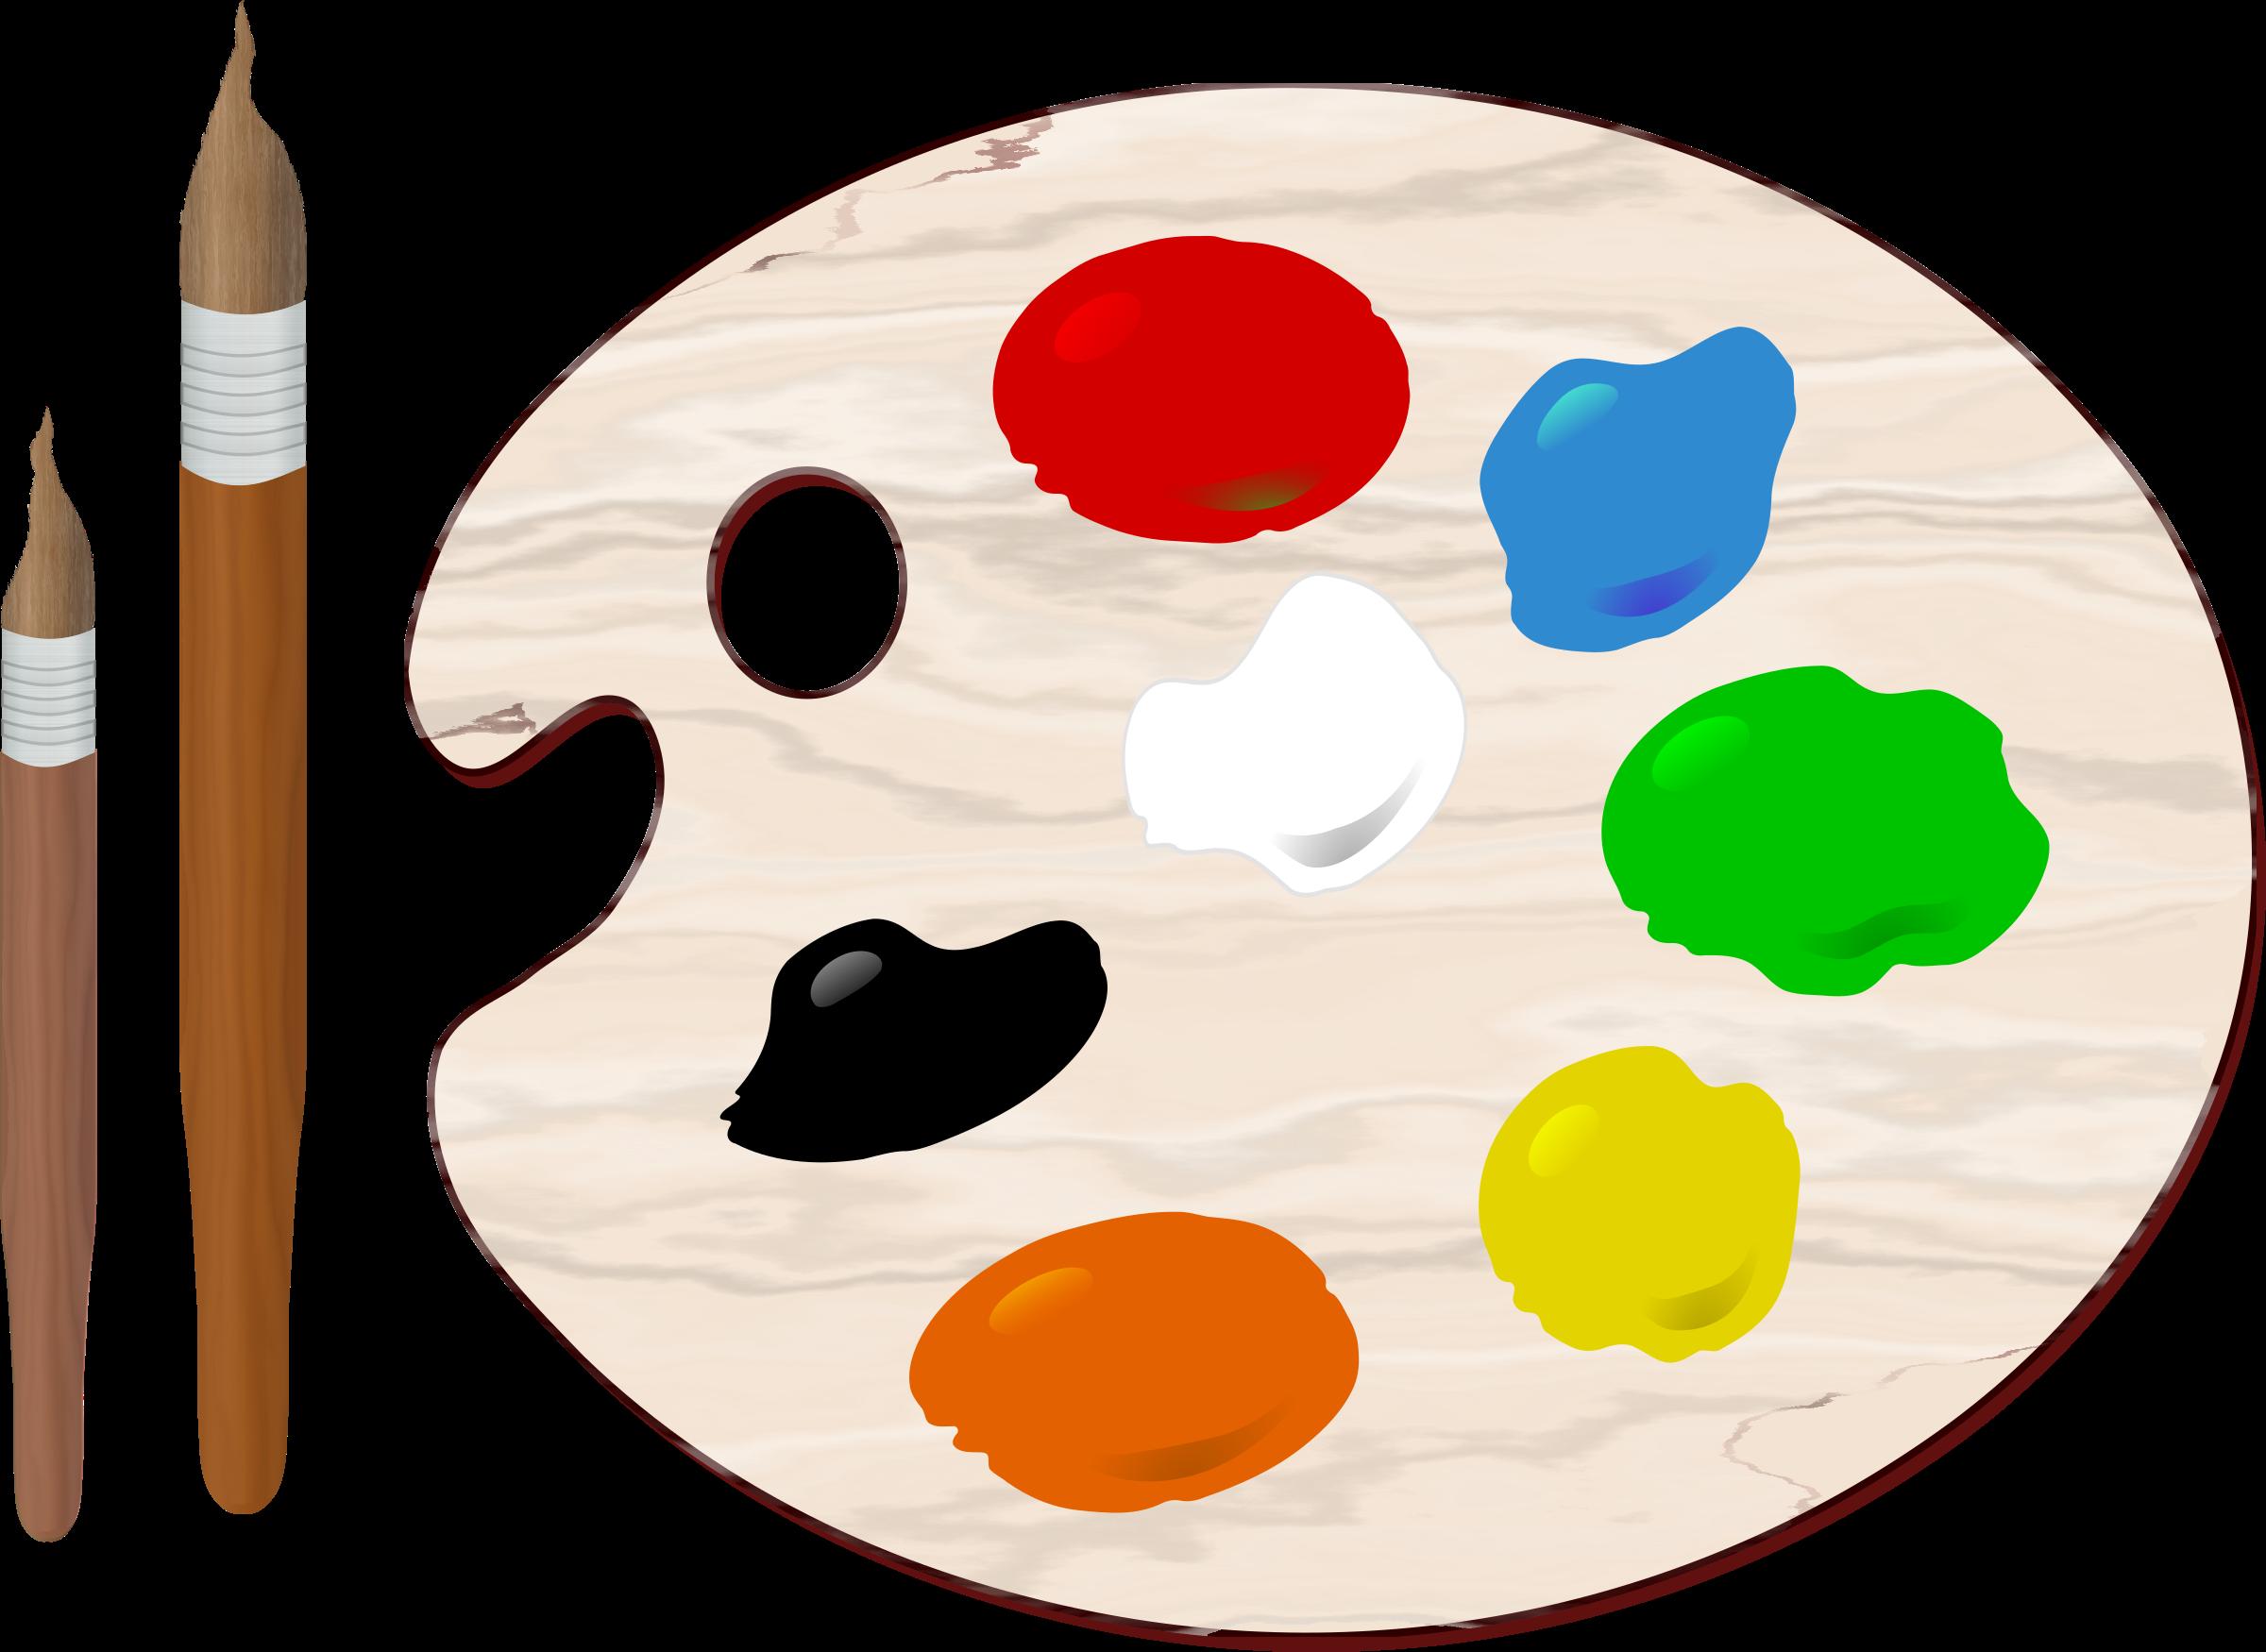 Paint Palette-Paint Palette-14